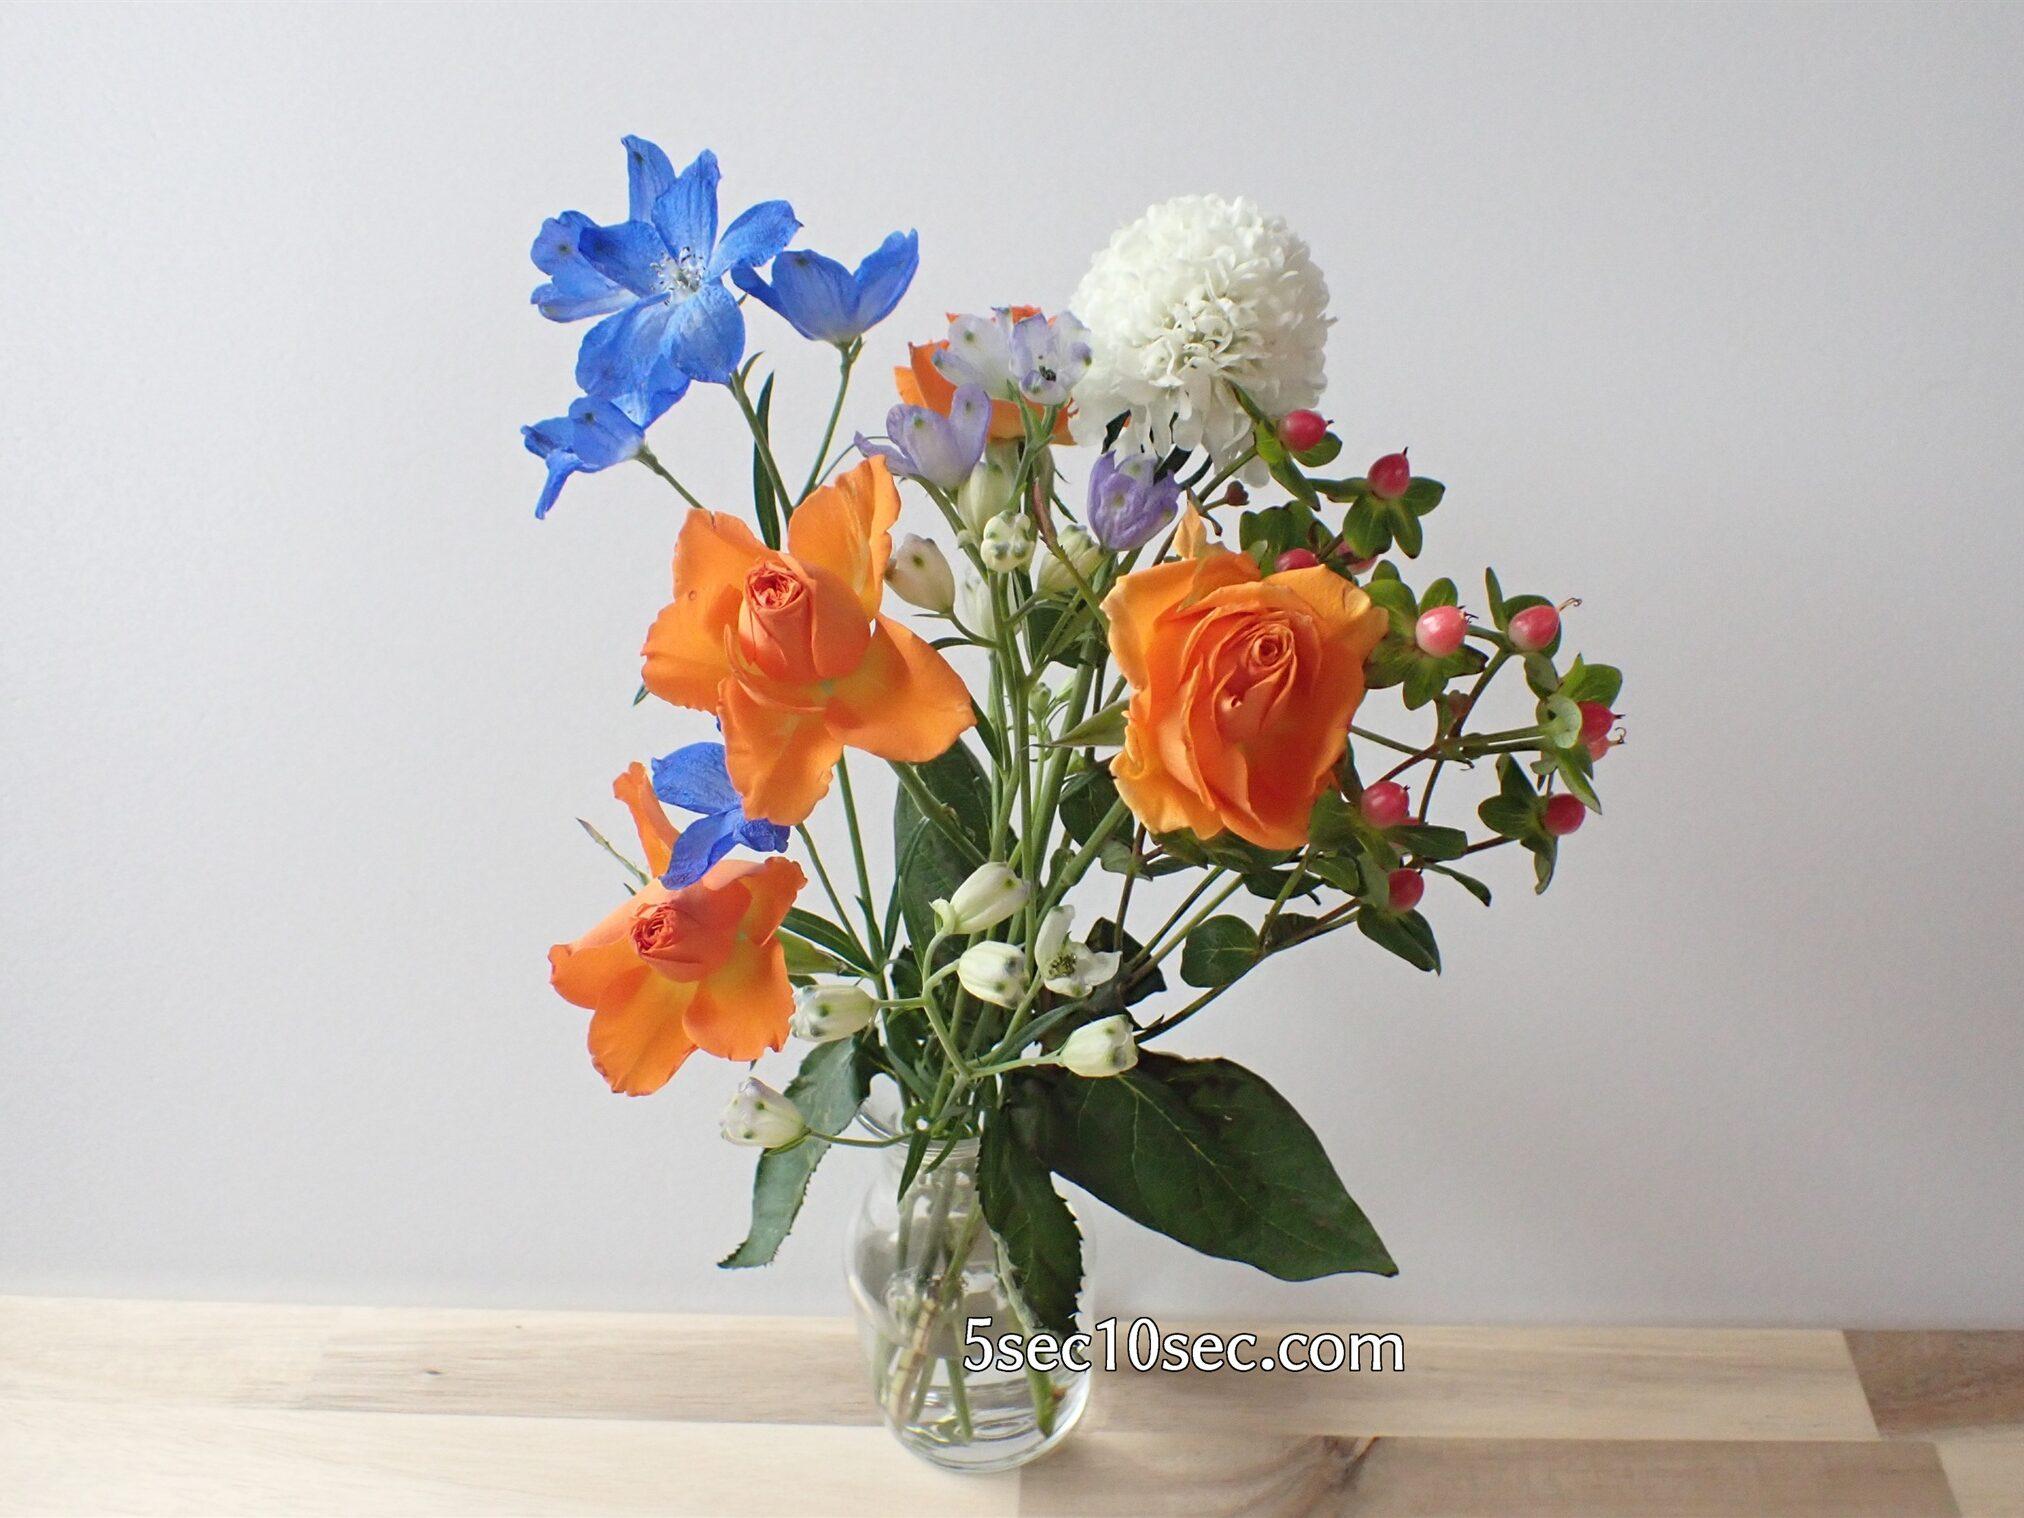 Bloomee LIFE(ブルーミーライフ)レギュラープラン 届いてから12日目のお花の写真